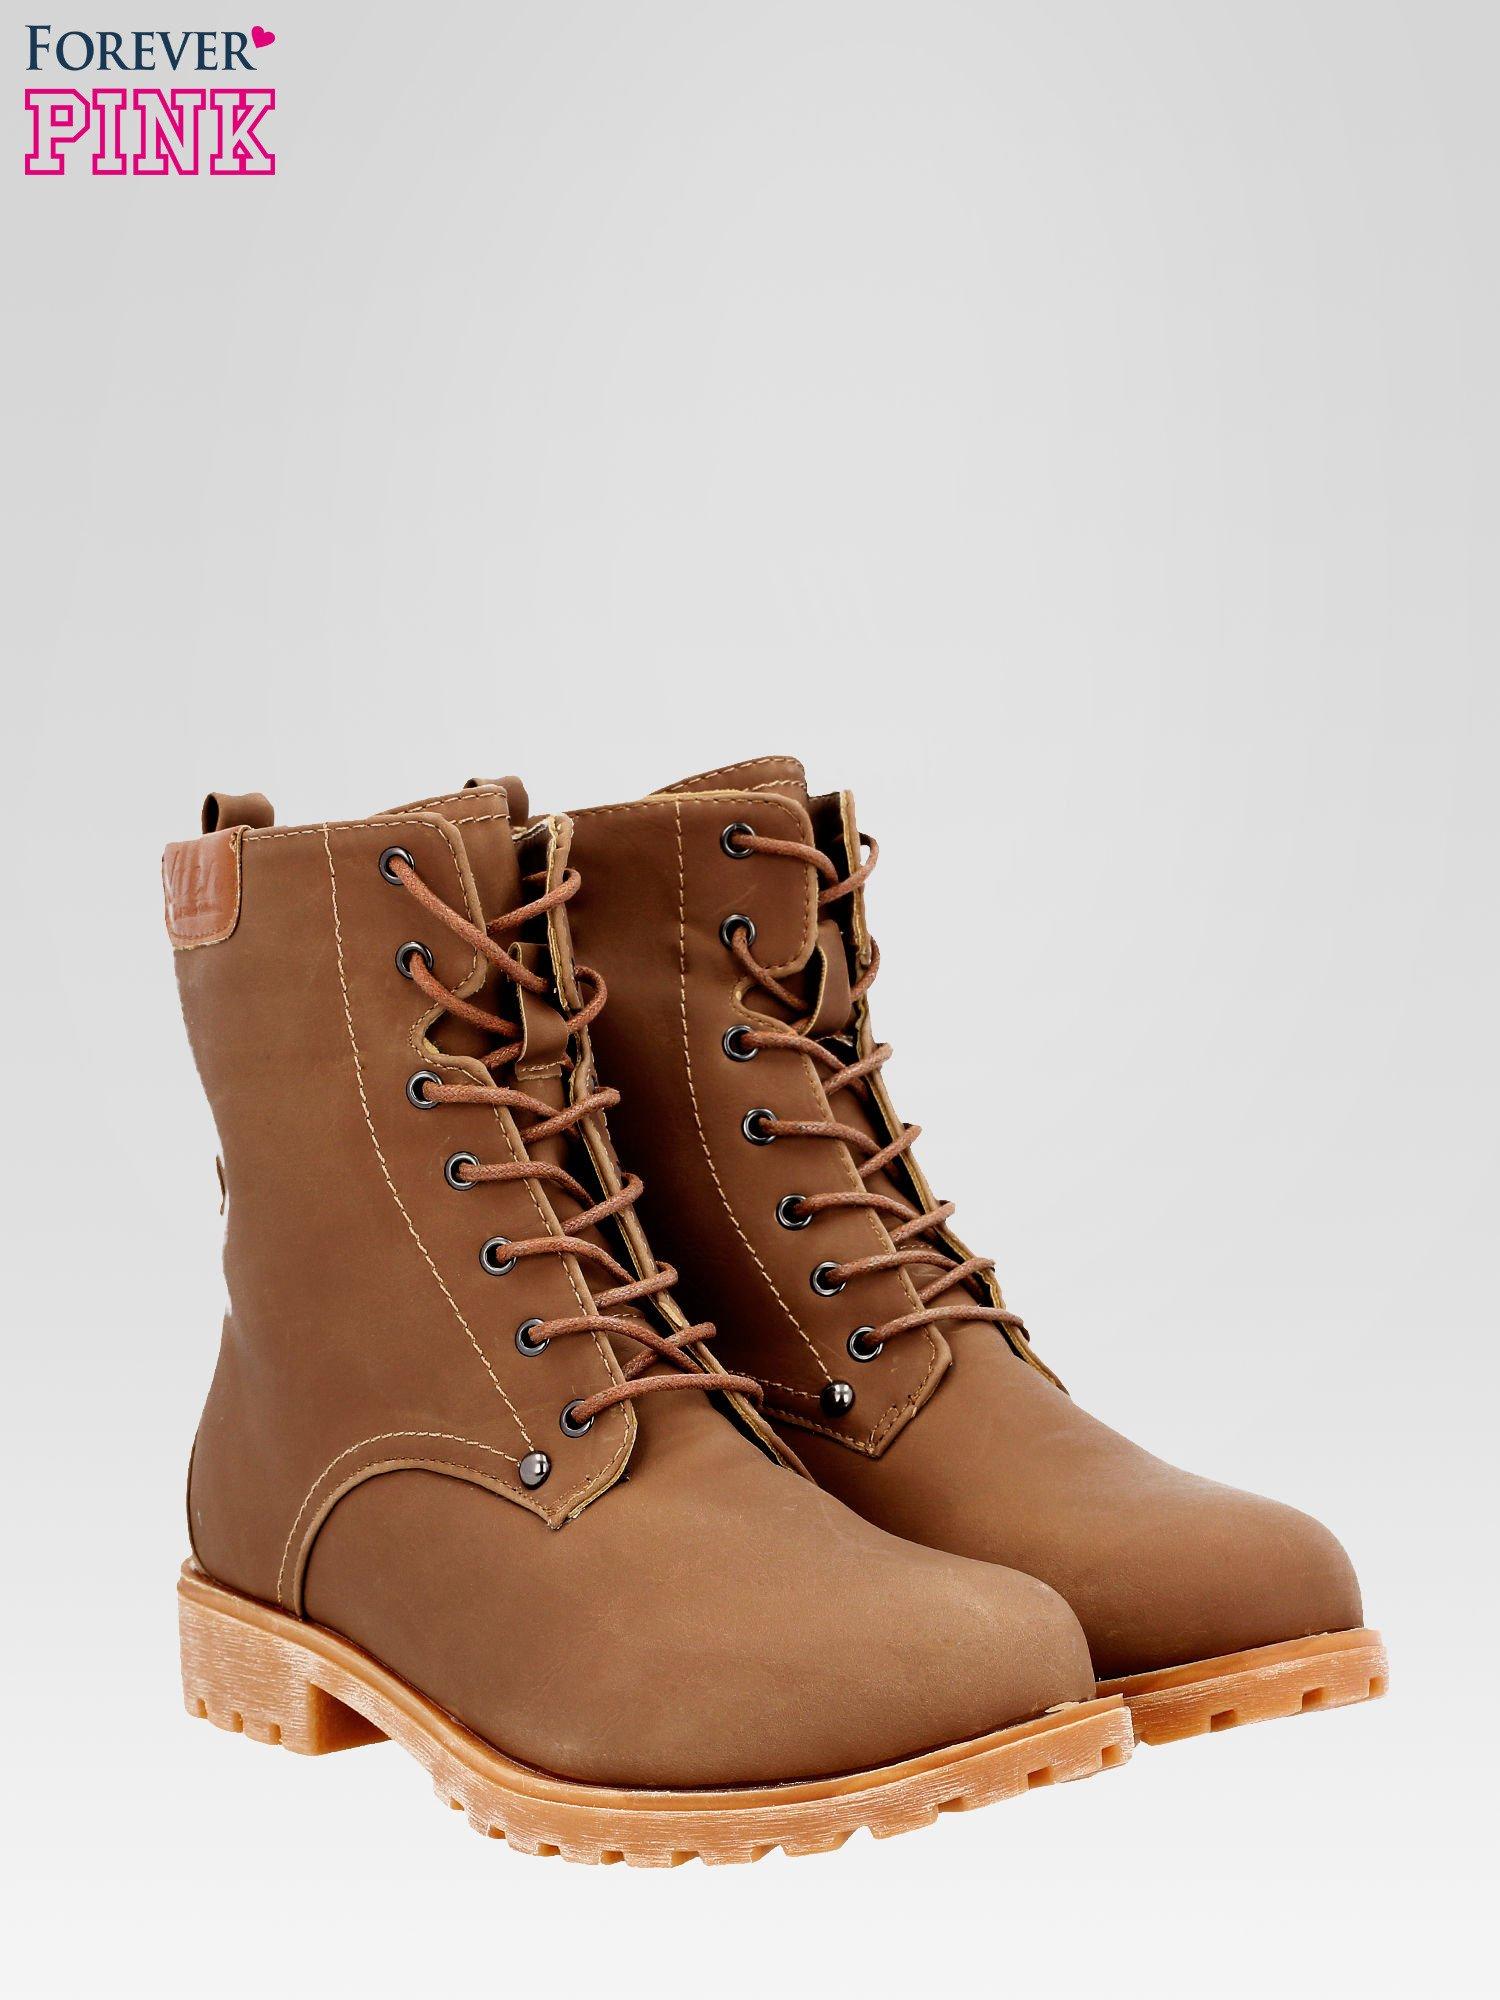 Brązowe damskie buty trekkingowe typu traperki                                  zdj.                                  2